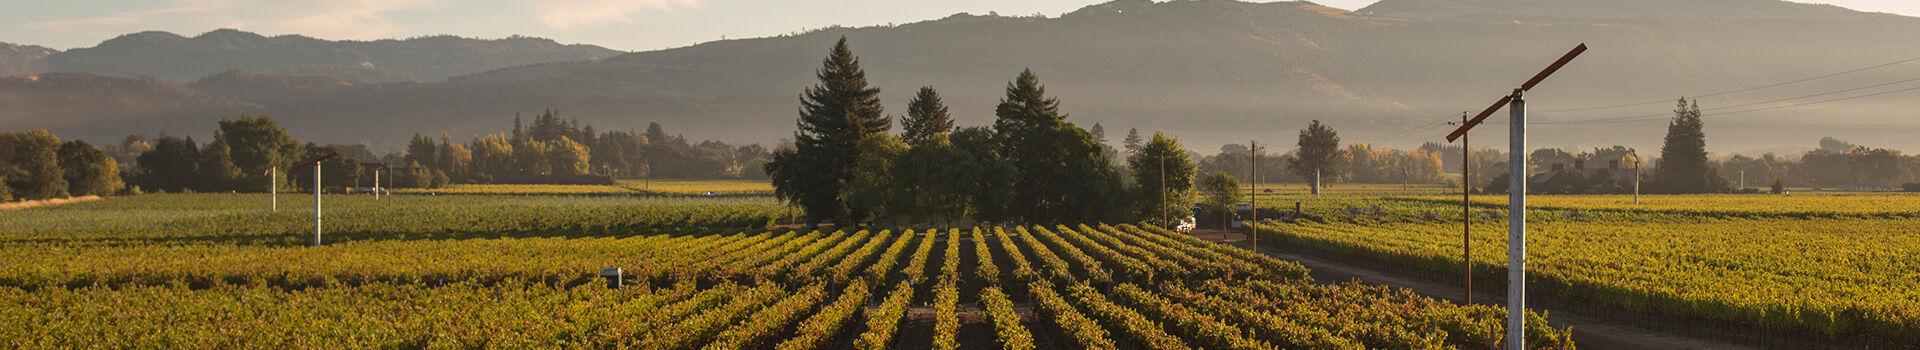 BV Vineyard Landscape